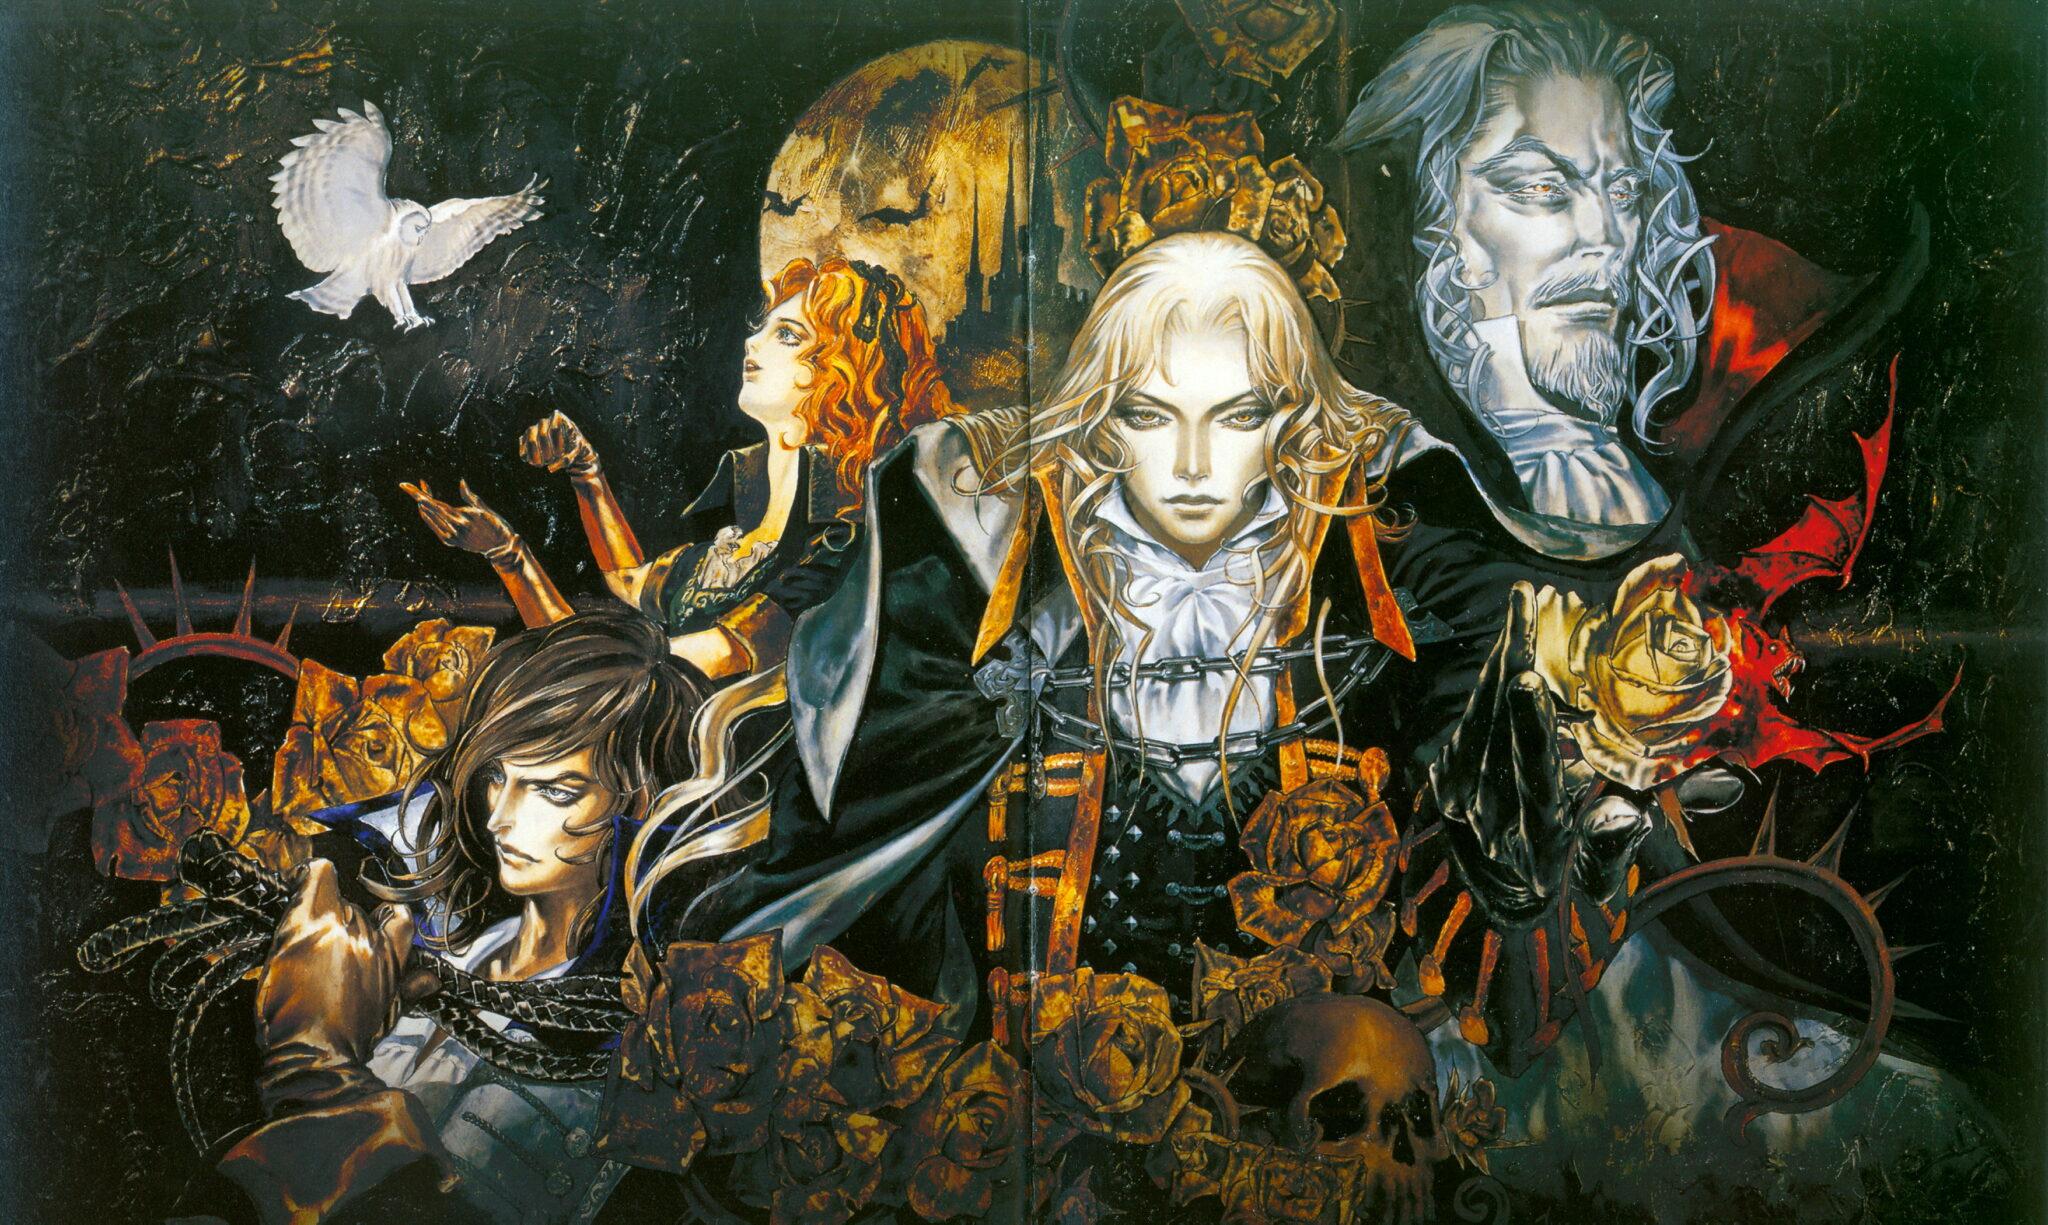 تاریخچه سری بازی های Castlevania؛ تجارت خانوادگی کشتن دراکولا